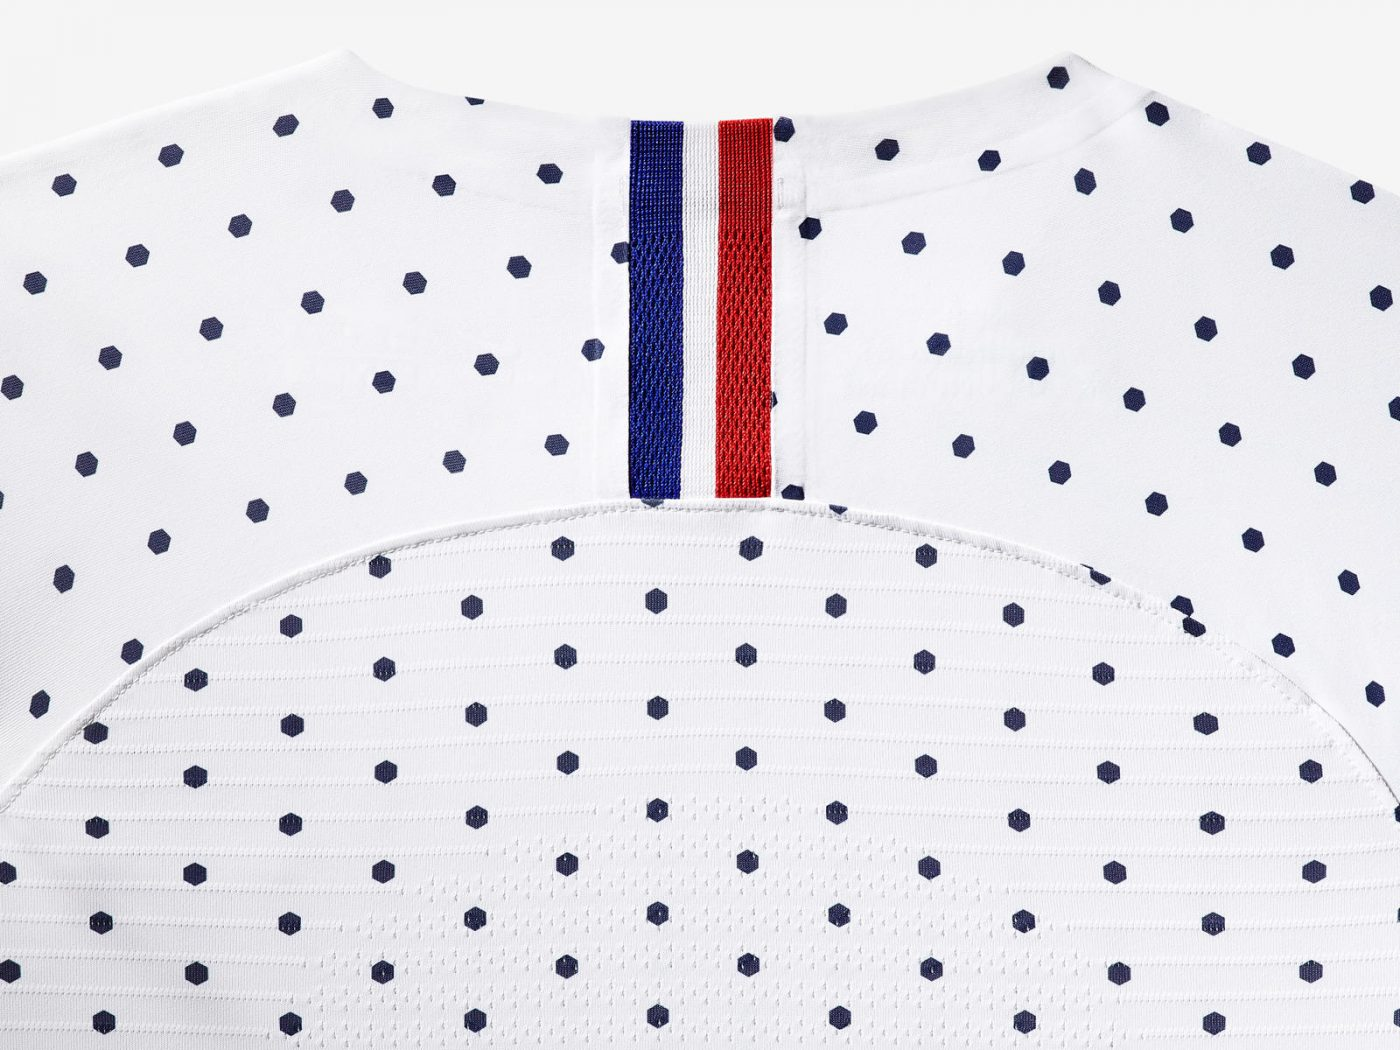 maillot-equipe-de-france-feminine-coupe-du-monde-2019-12